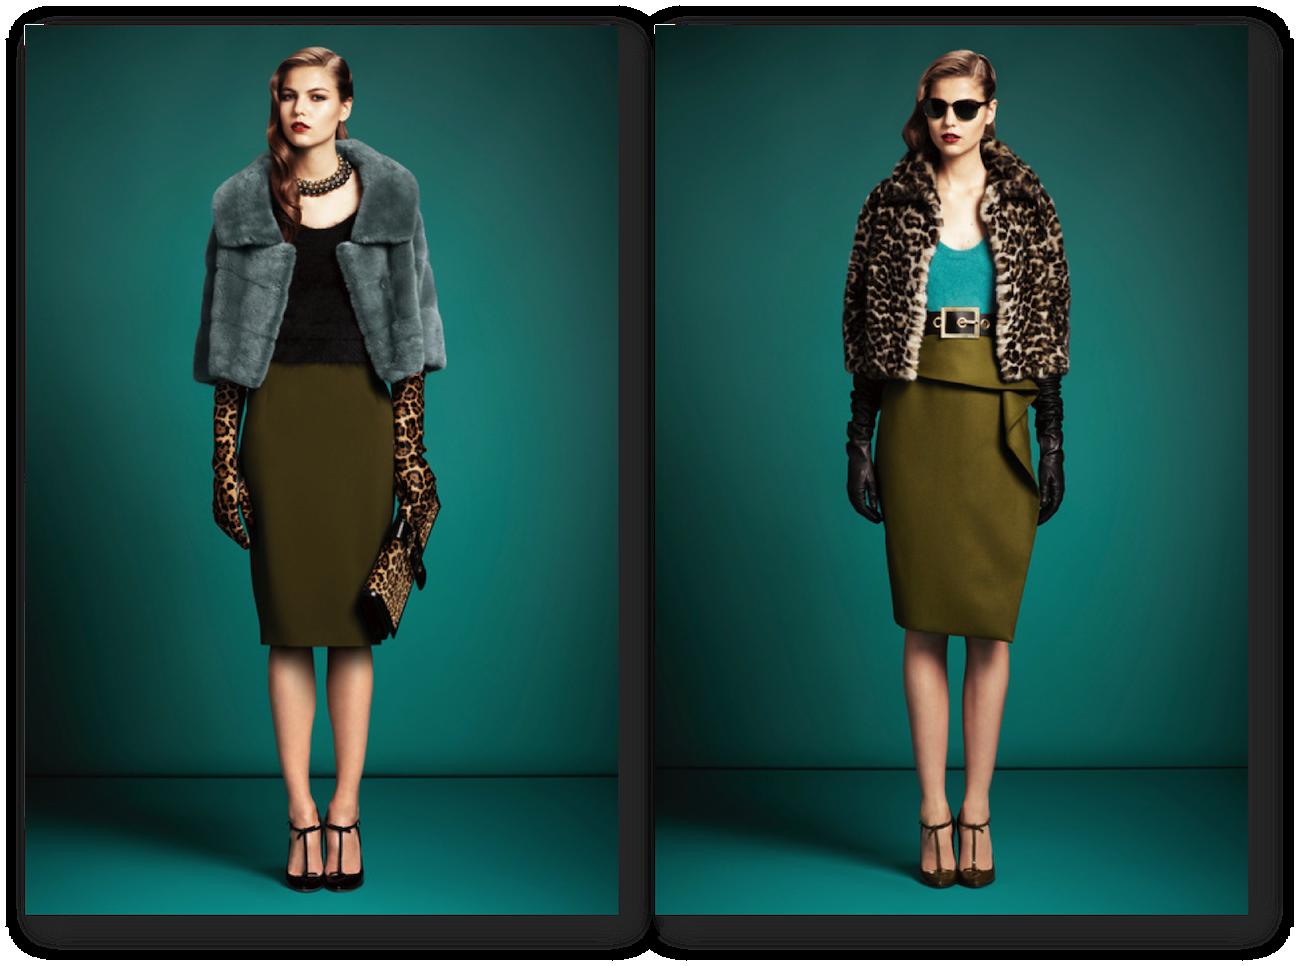 fashionable stylish professionals